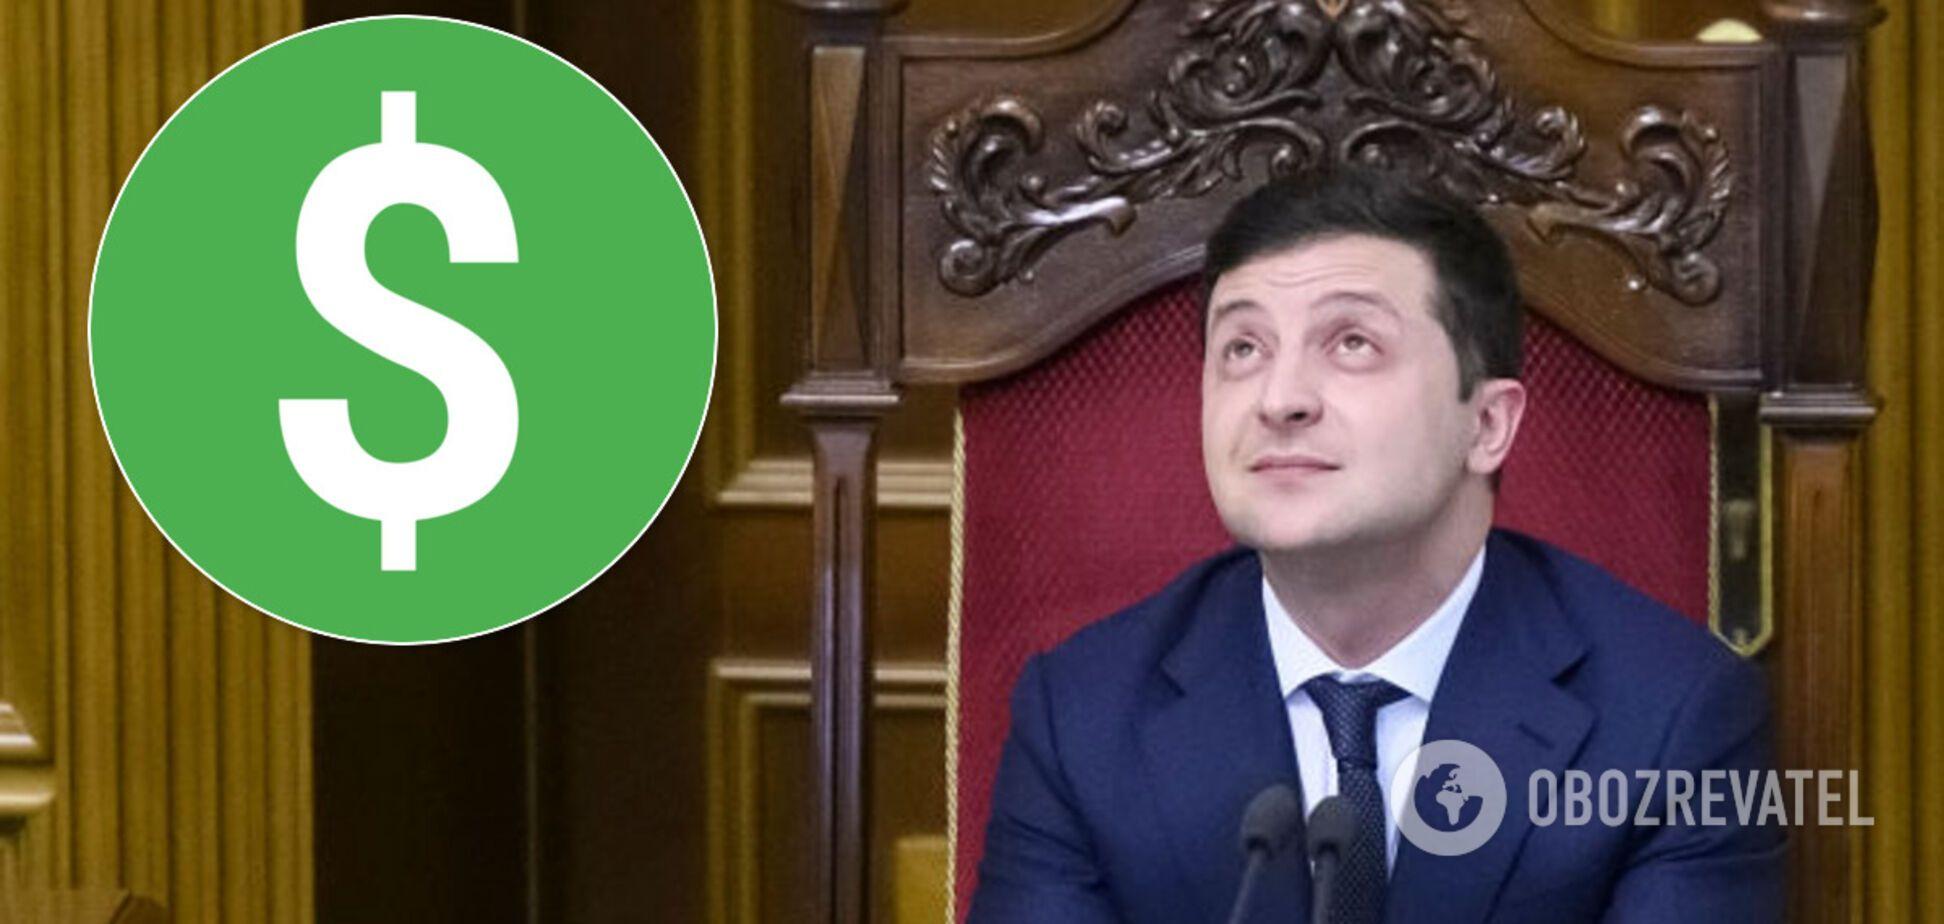 'Слуги народу' захотіли відставки Коболєва: озвучена причина